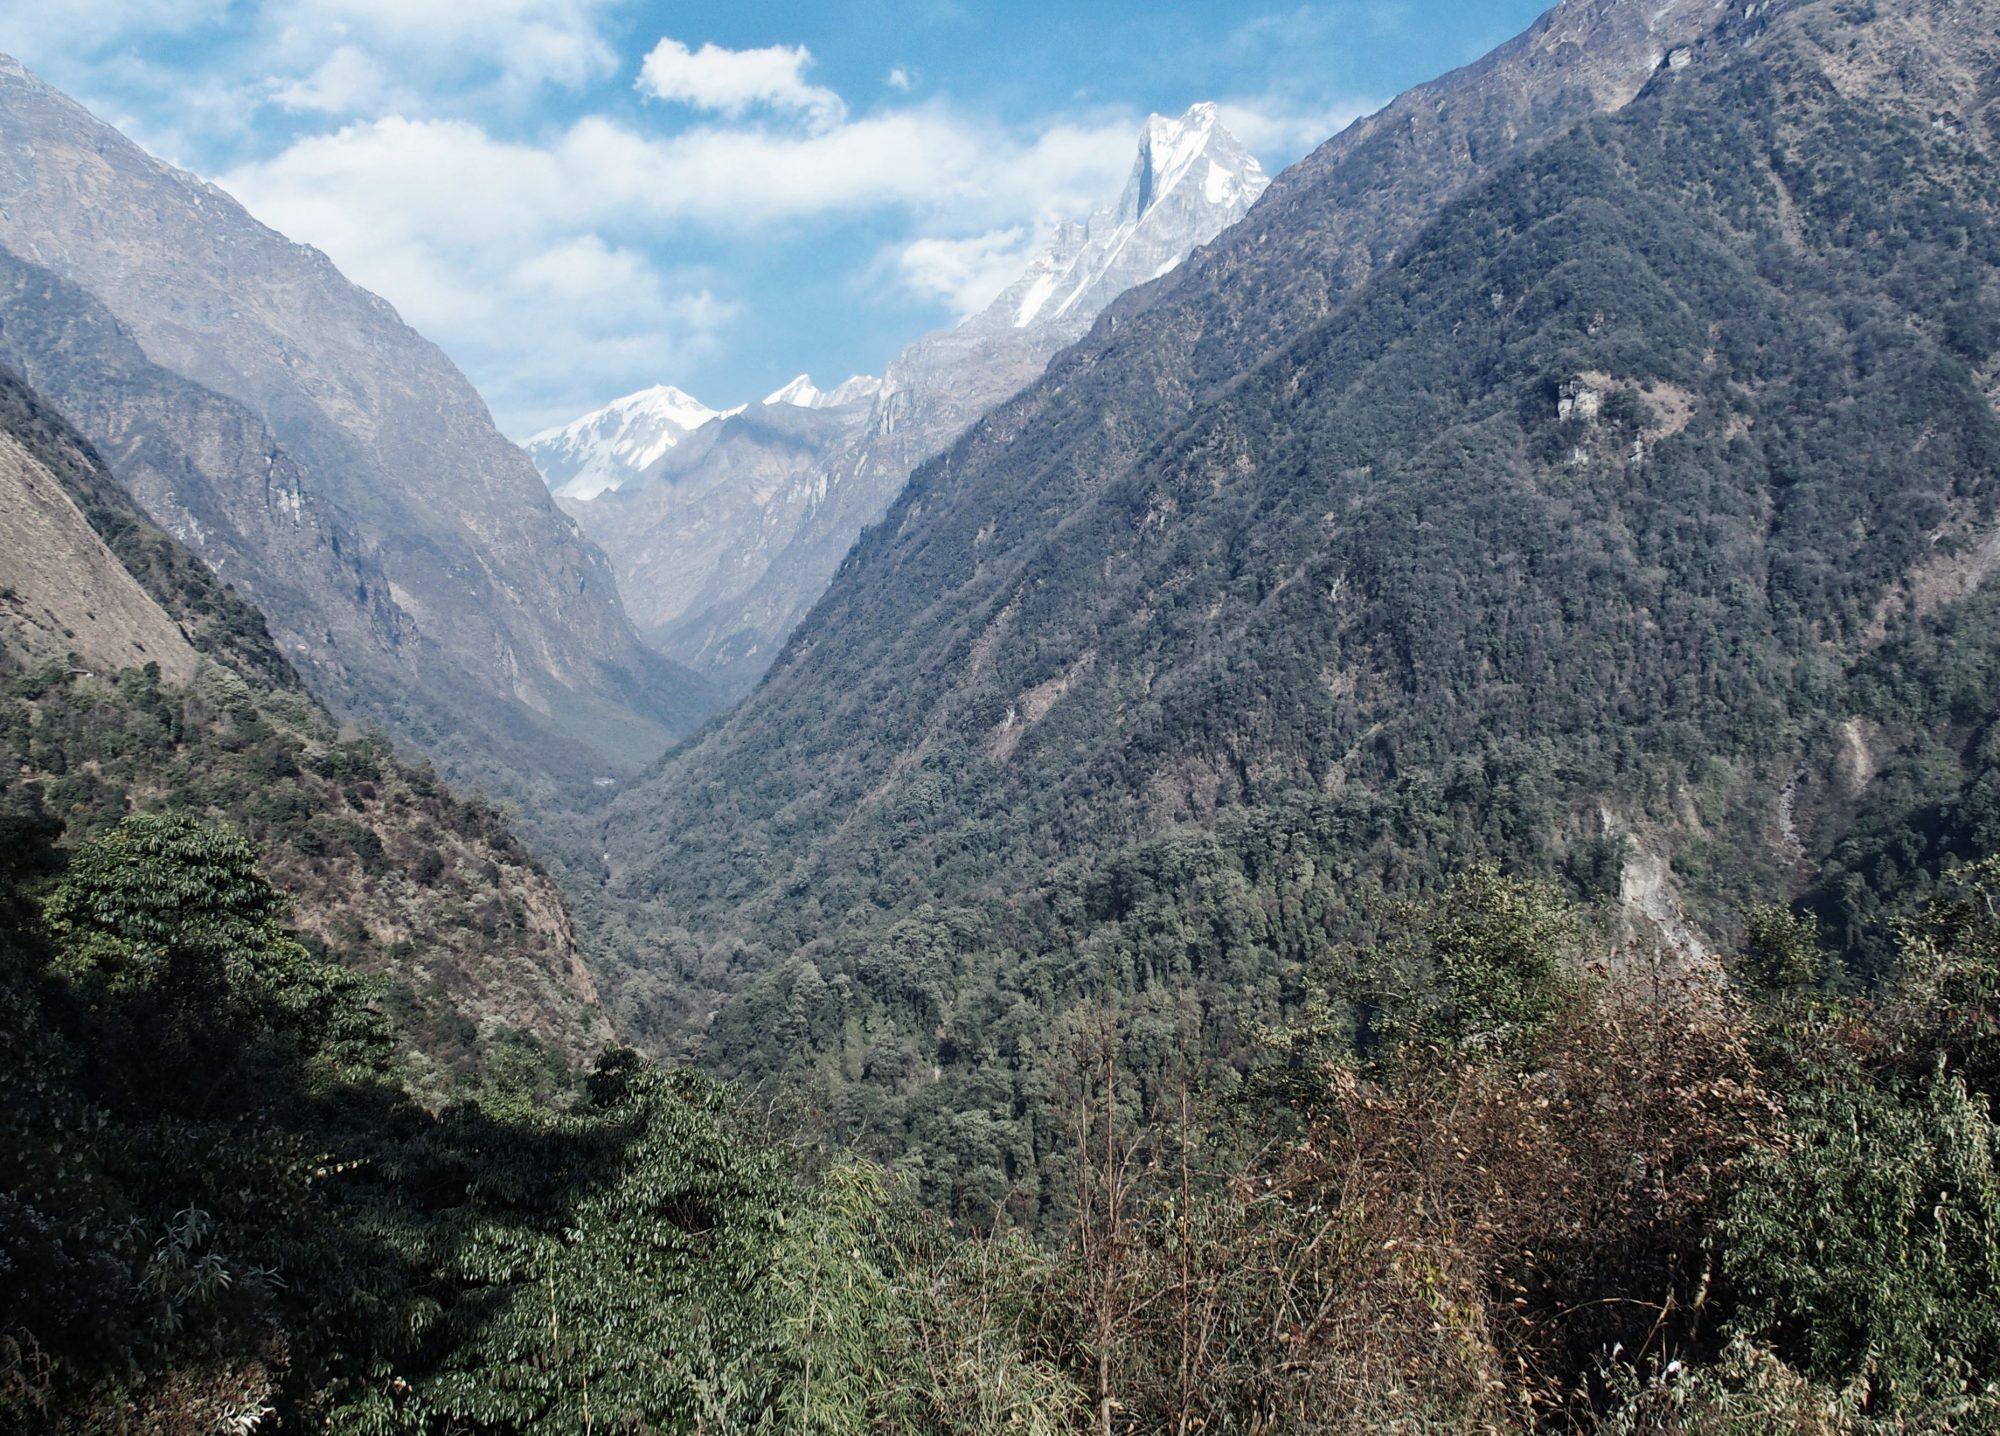 Ausblick auf den kommenden Trail (auf der linken Talseite) und Machapuchare